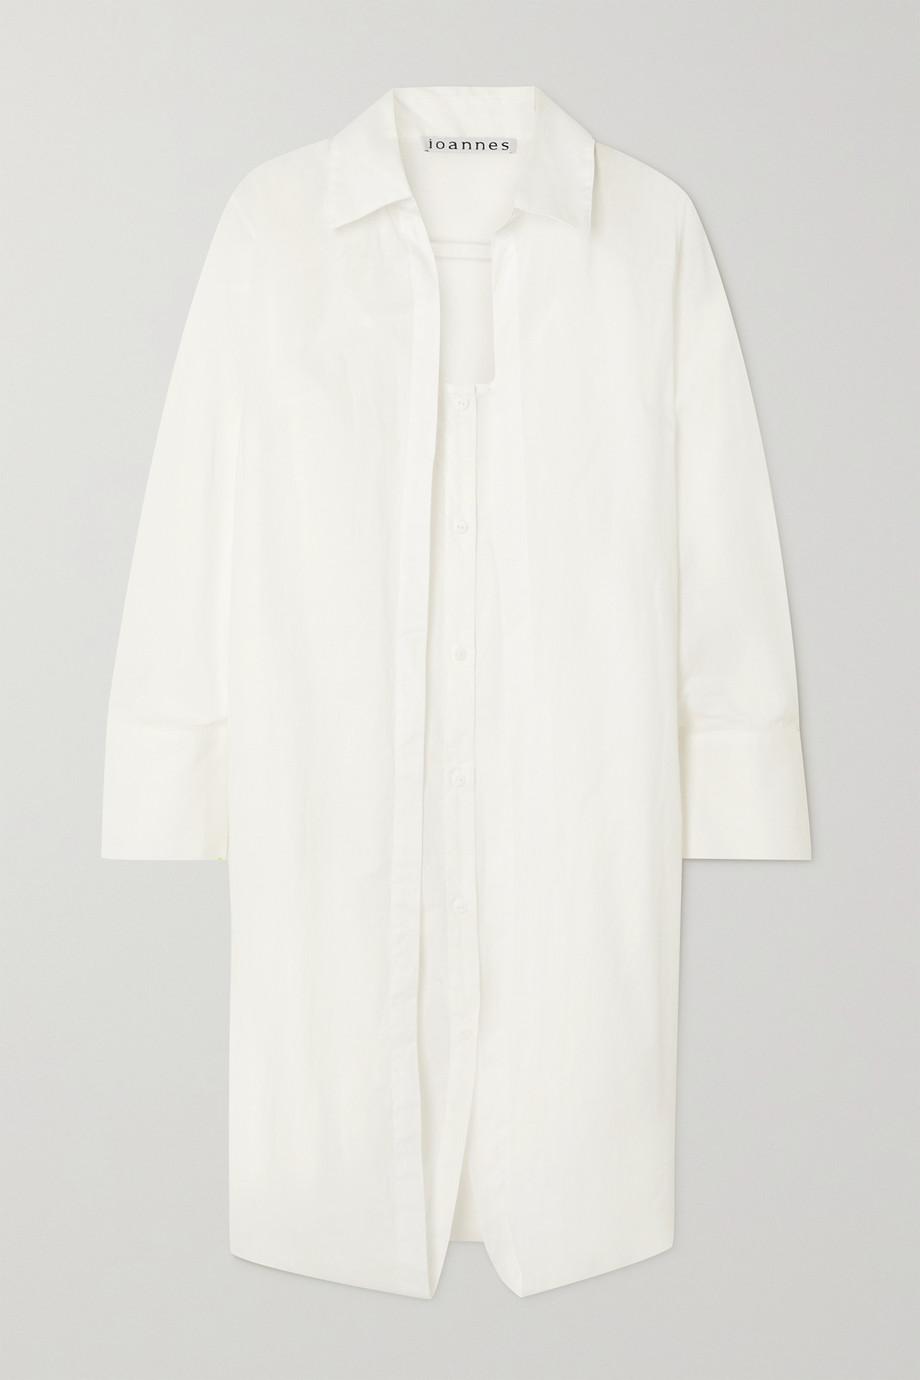 ioannes Robe-chemise à superposition en coton